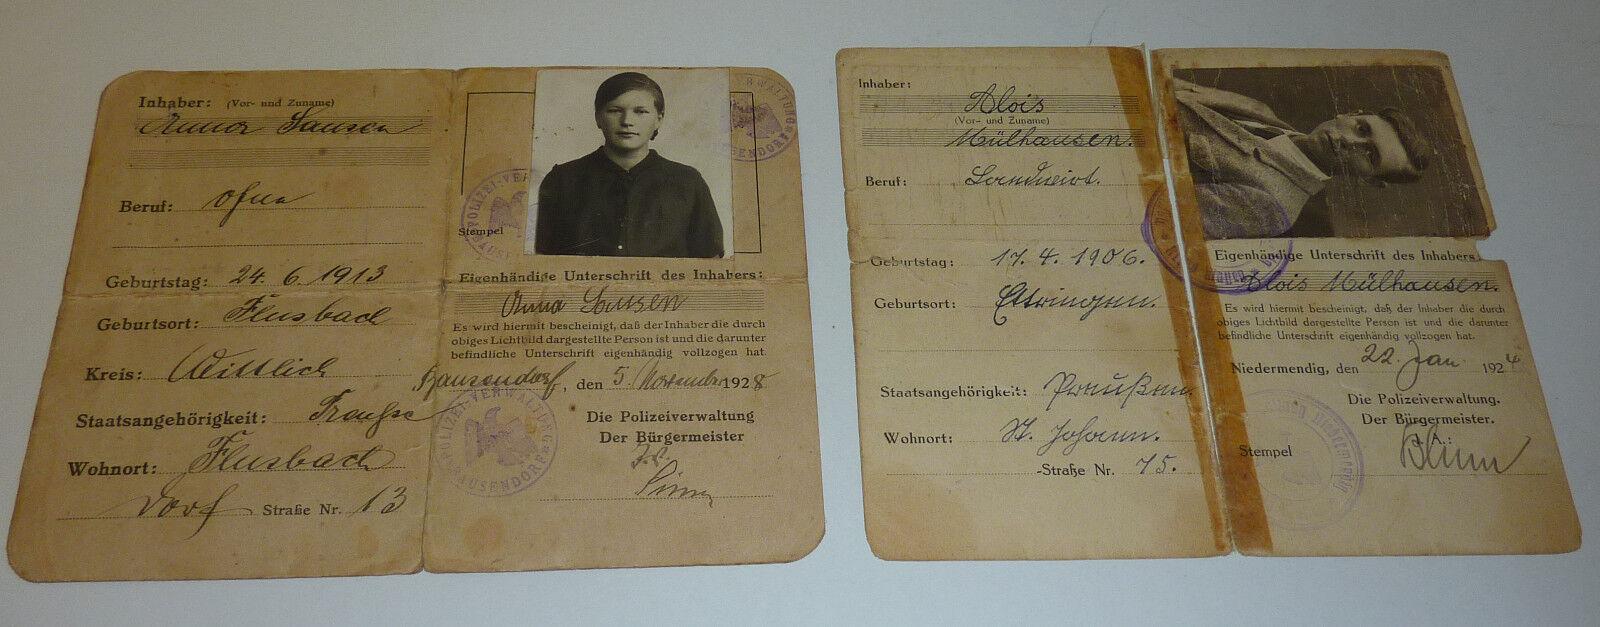 Besetzte Gebiete 2 Ausweise Polizei Bausendorf +  Niedermendig Bürgermeister